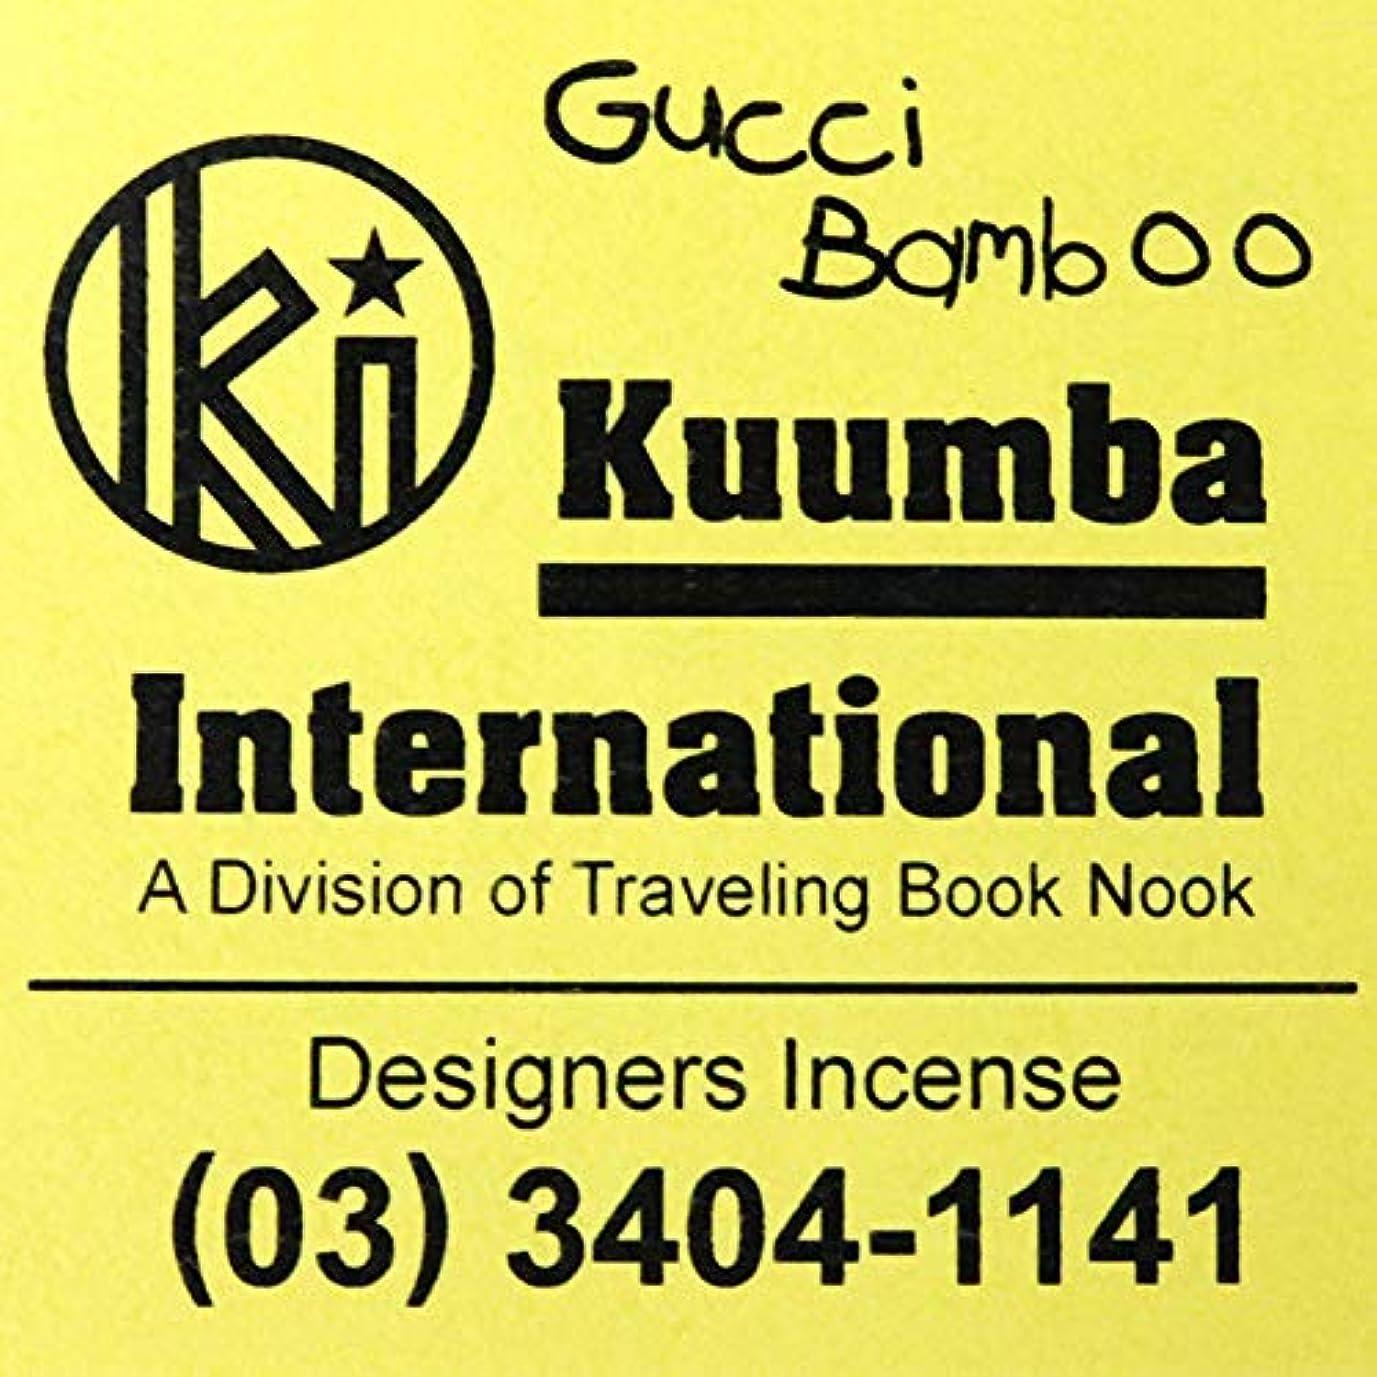 丘偏心願うKUUMBA (クンバ)『incense』(GUCCI BAMBOO) (GUCCI BAMBOO, Regular size)